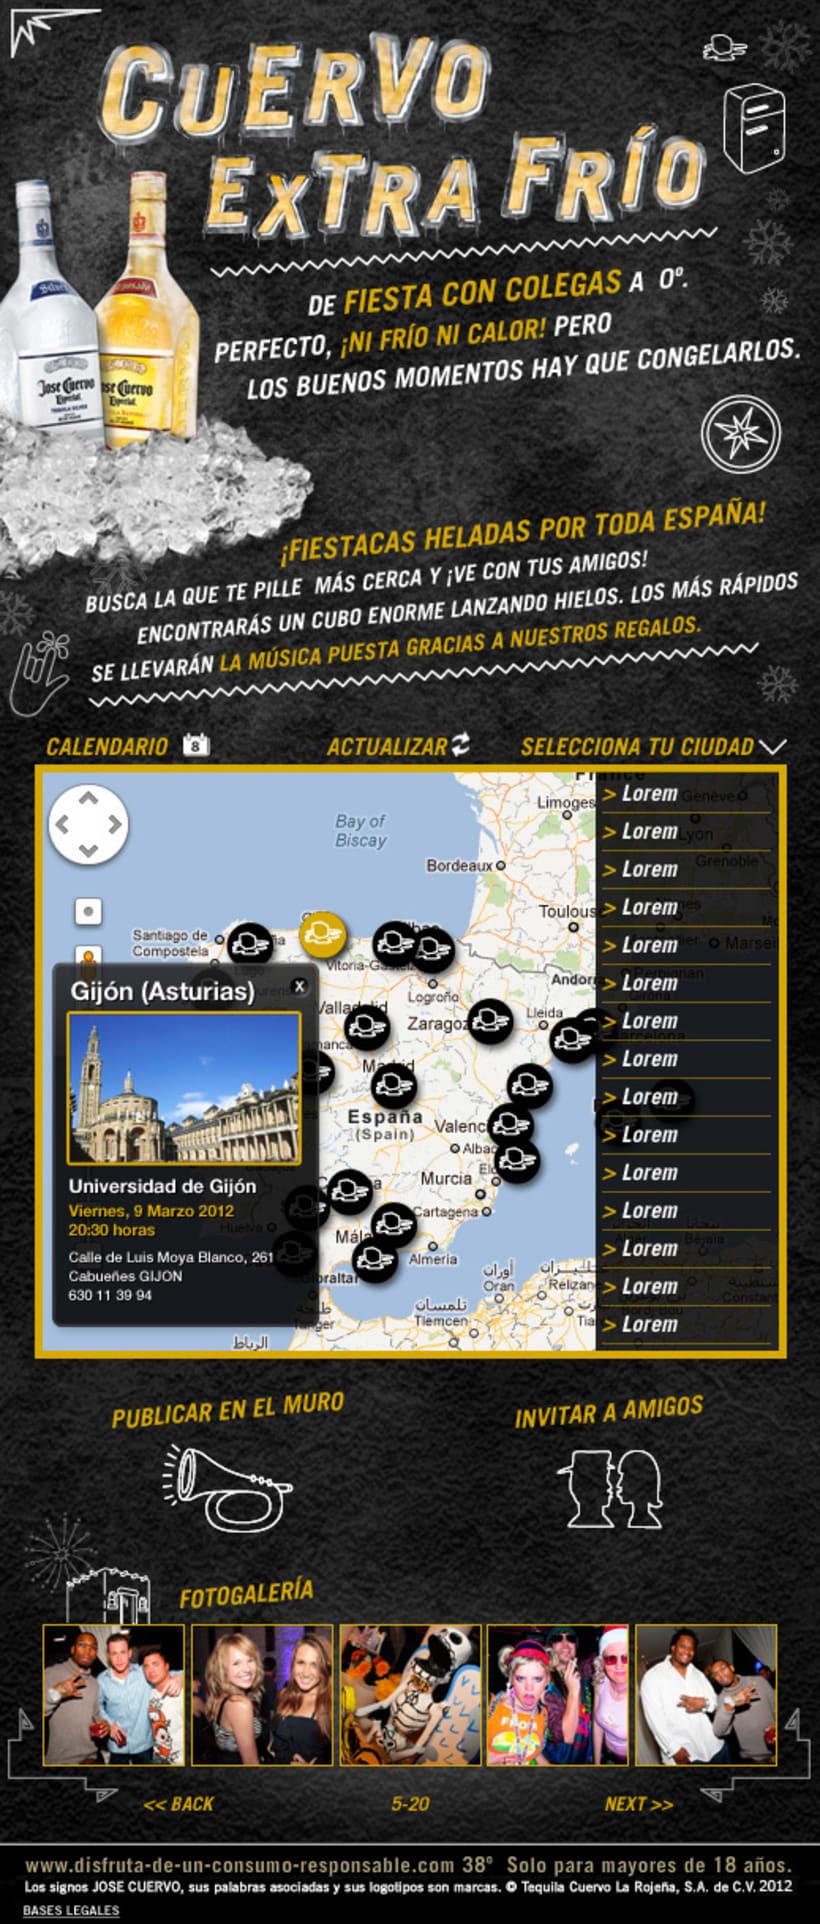 Cuervo Extra Frío (Facebook App) 2